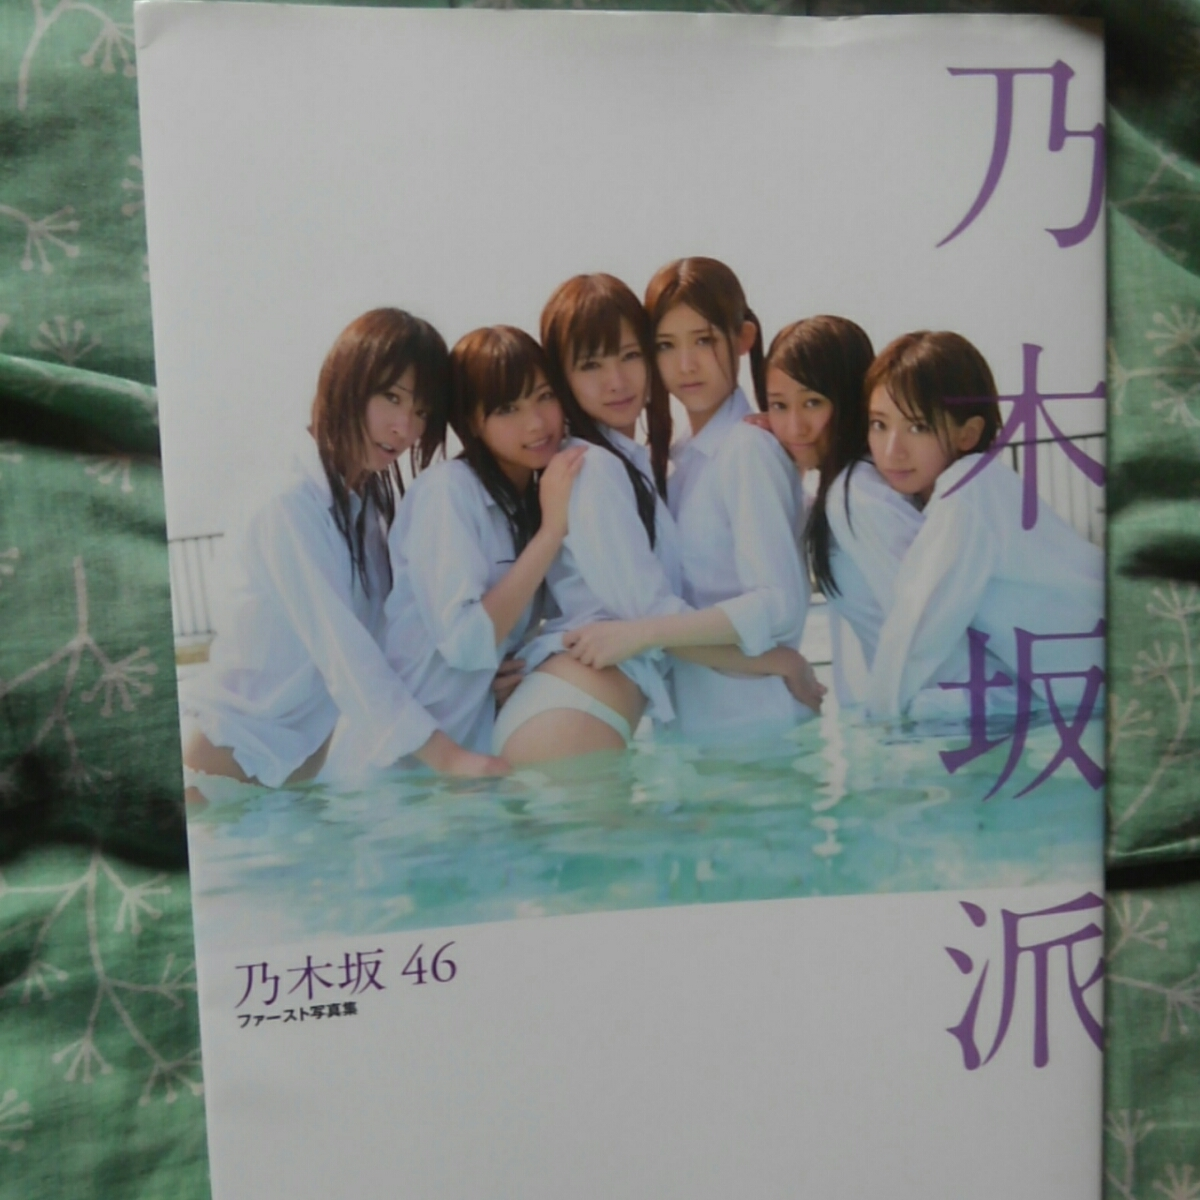 乃木坂46 ファースト写真集 『乃木坂派』_画像1